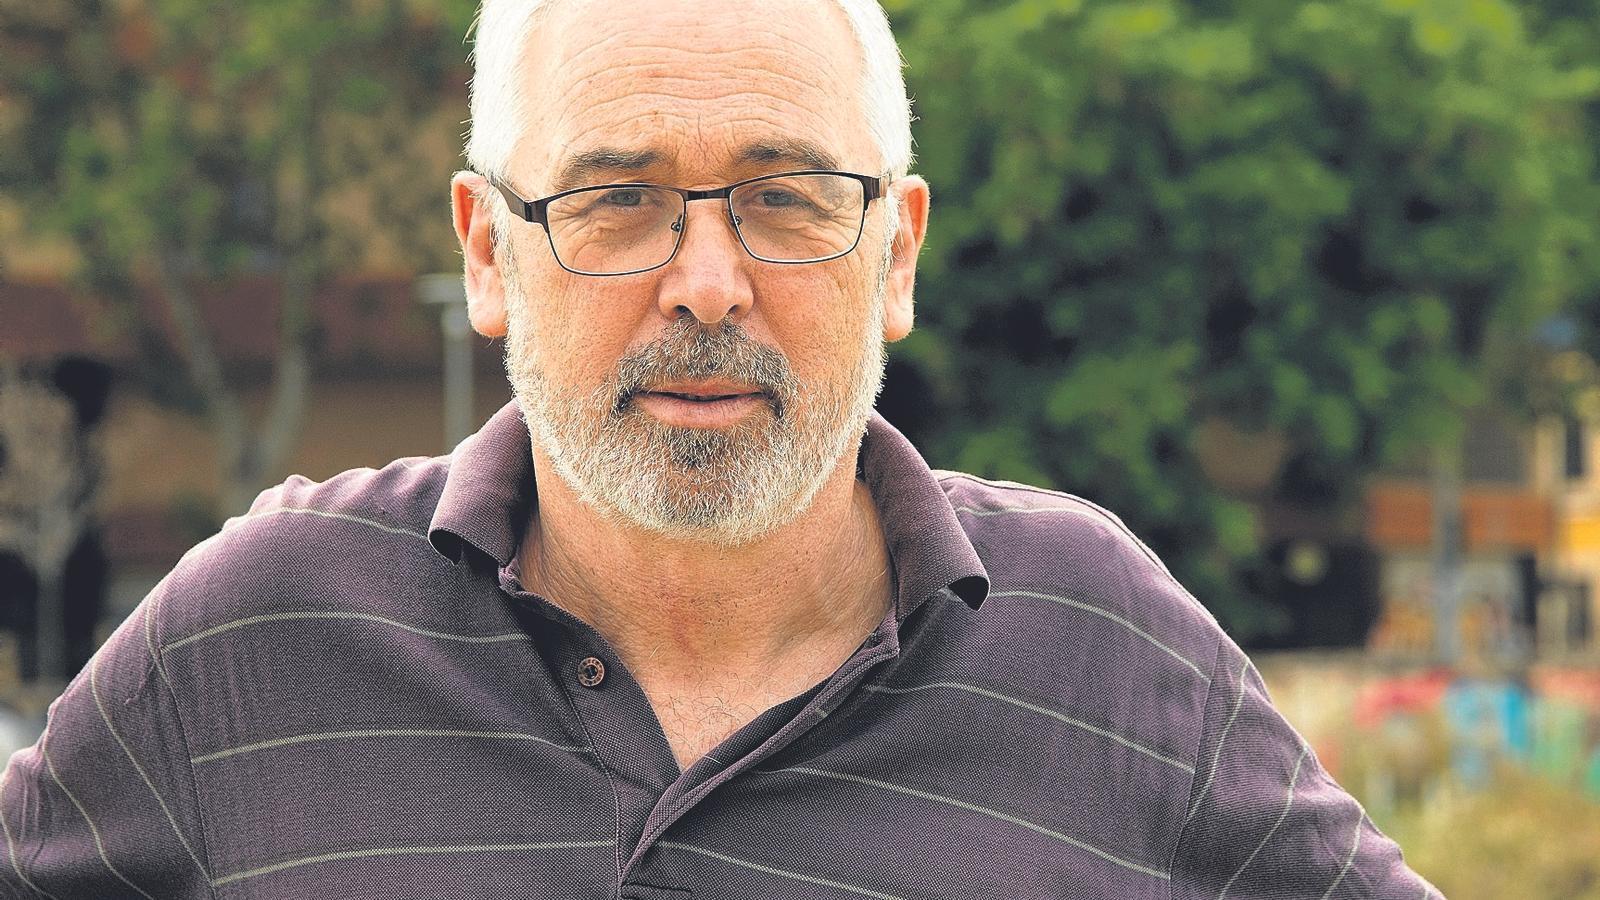 Antoni Puig